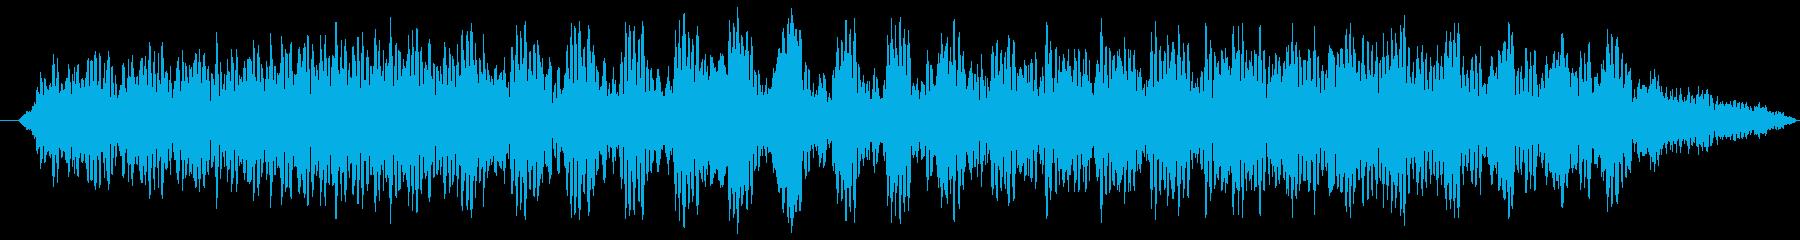 電車の発車ベルの再生済みの波形